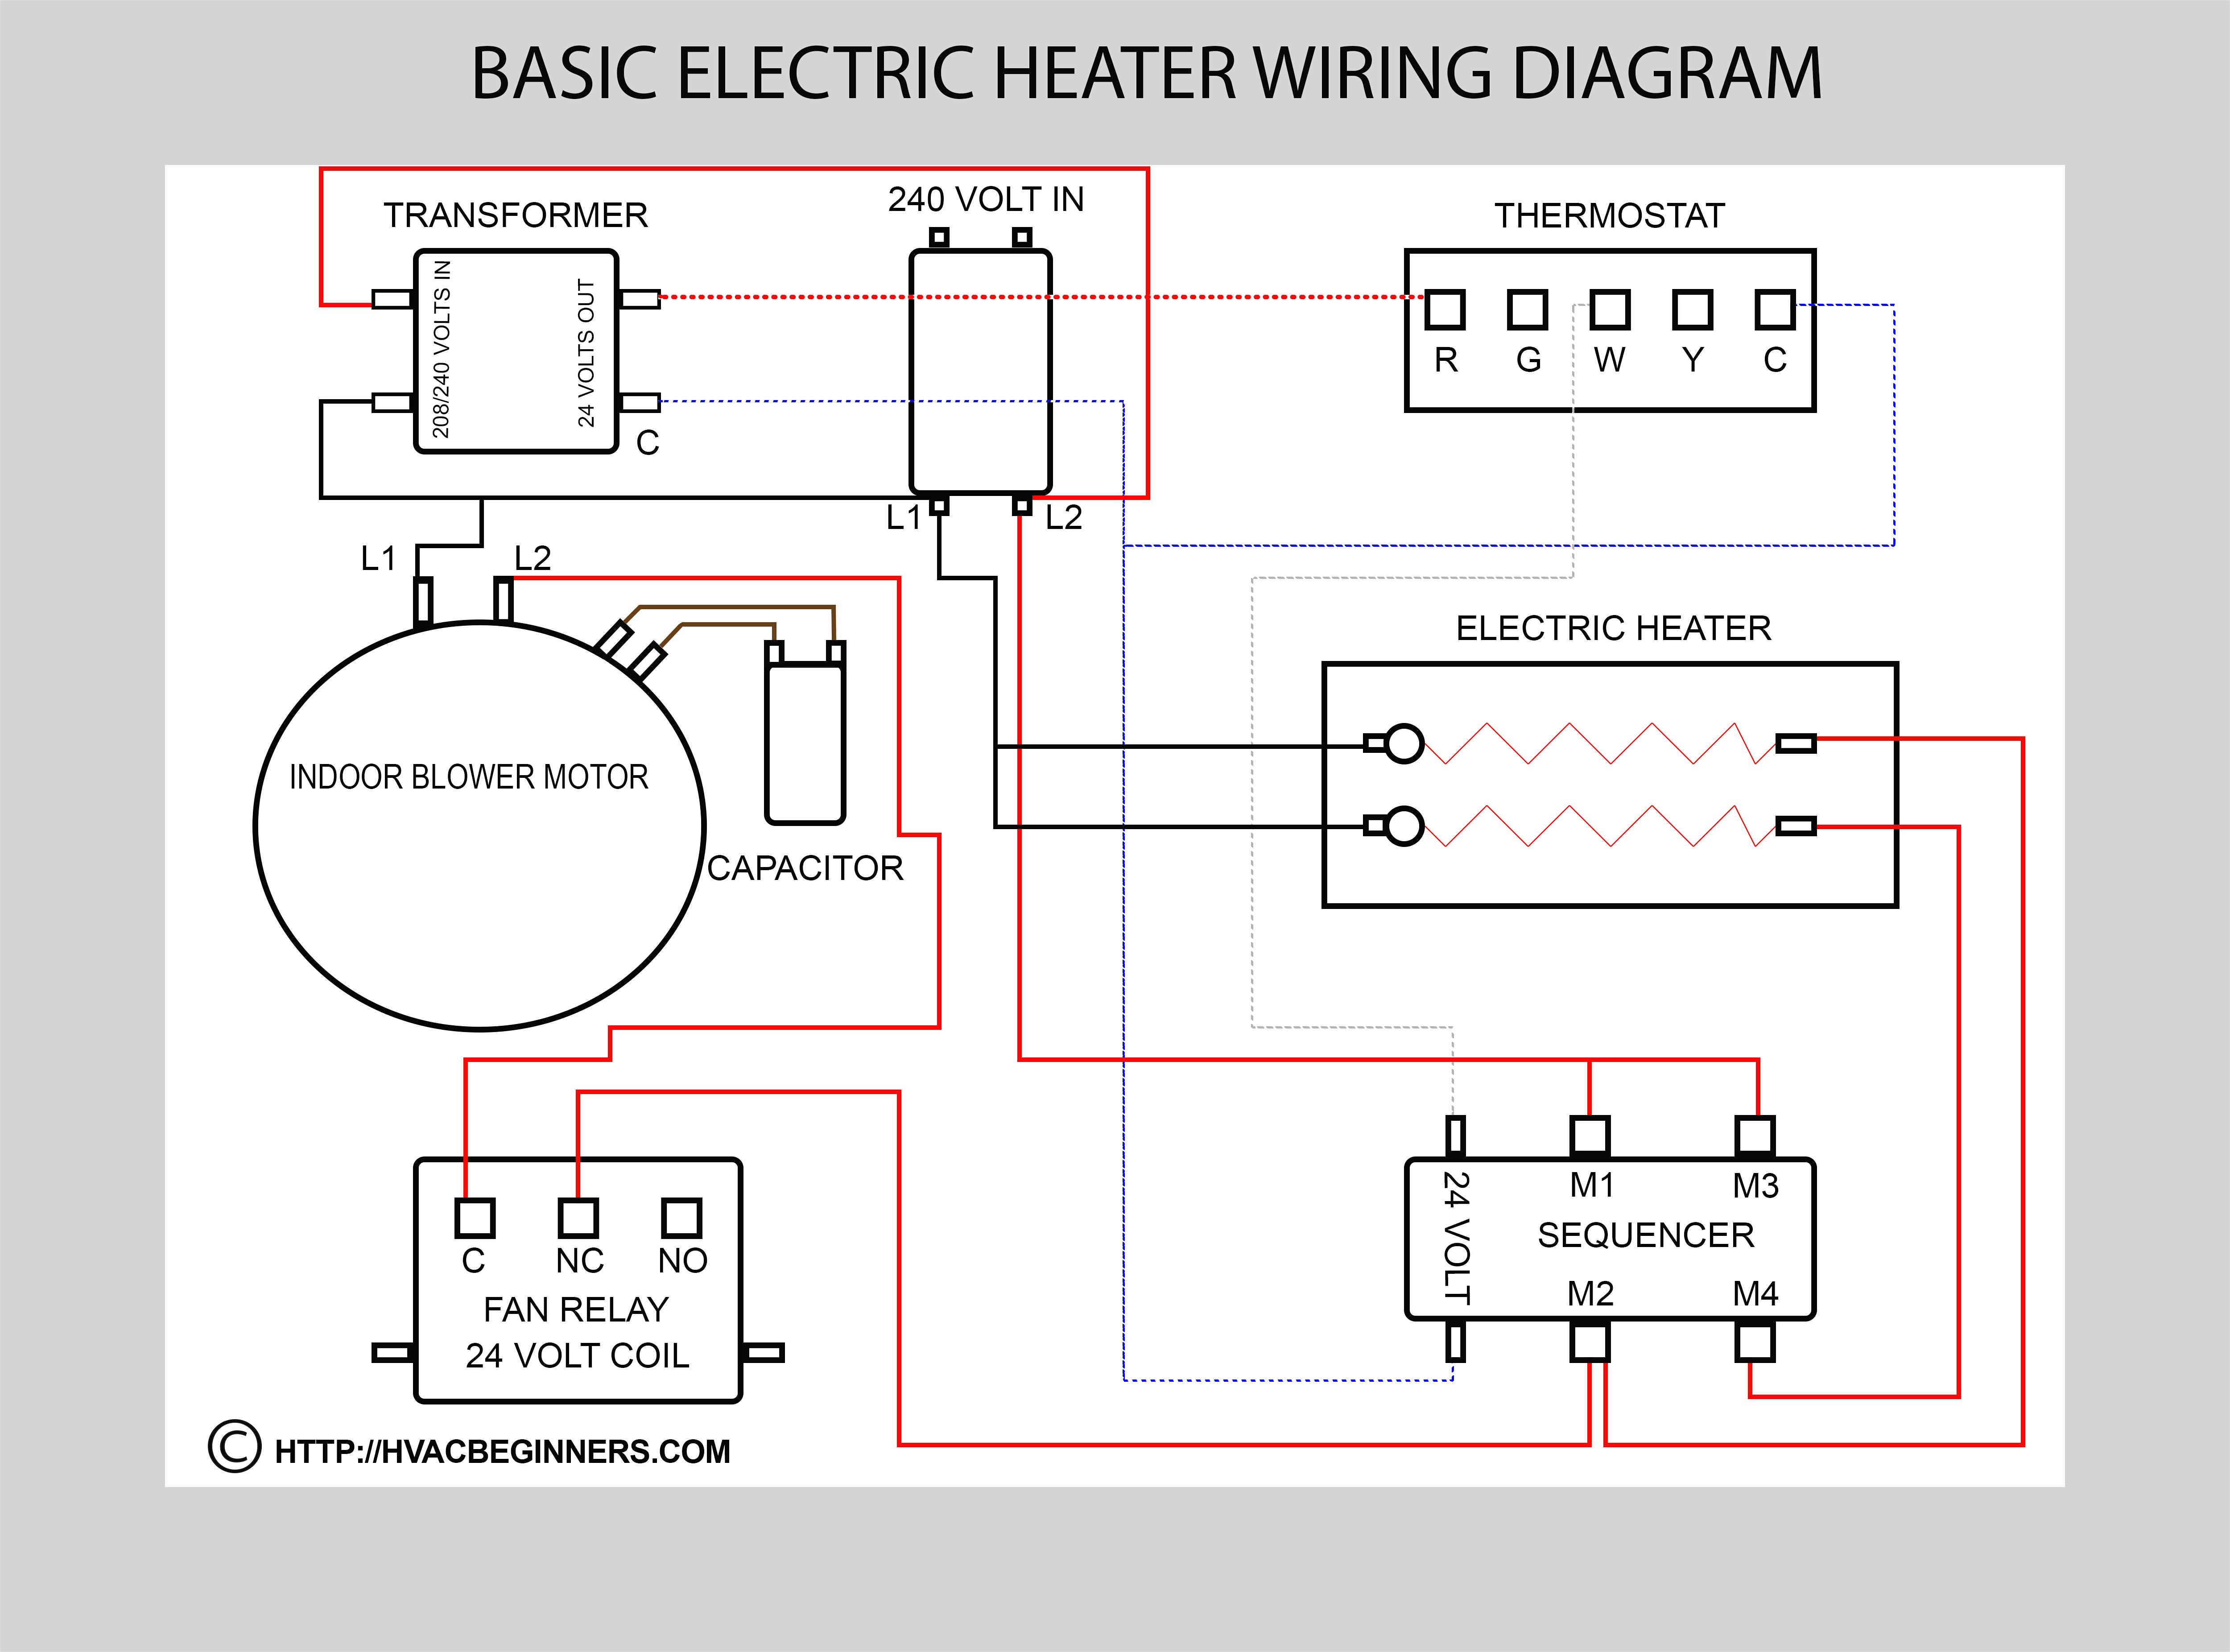 Ac Compressor Schematic | Wiring Diagram - Ac Compressor Wiring Diagram